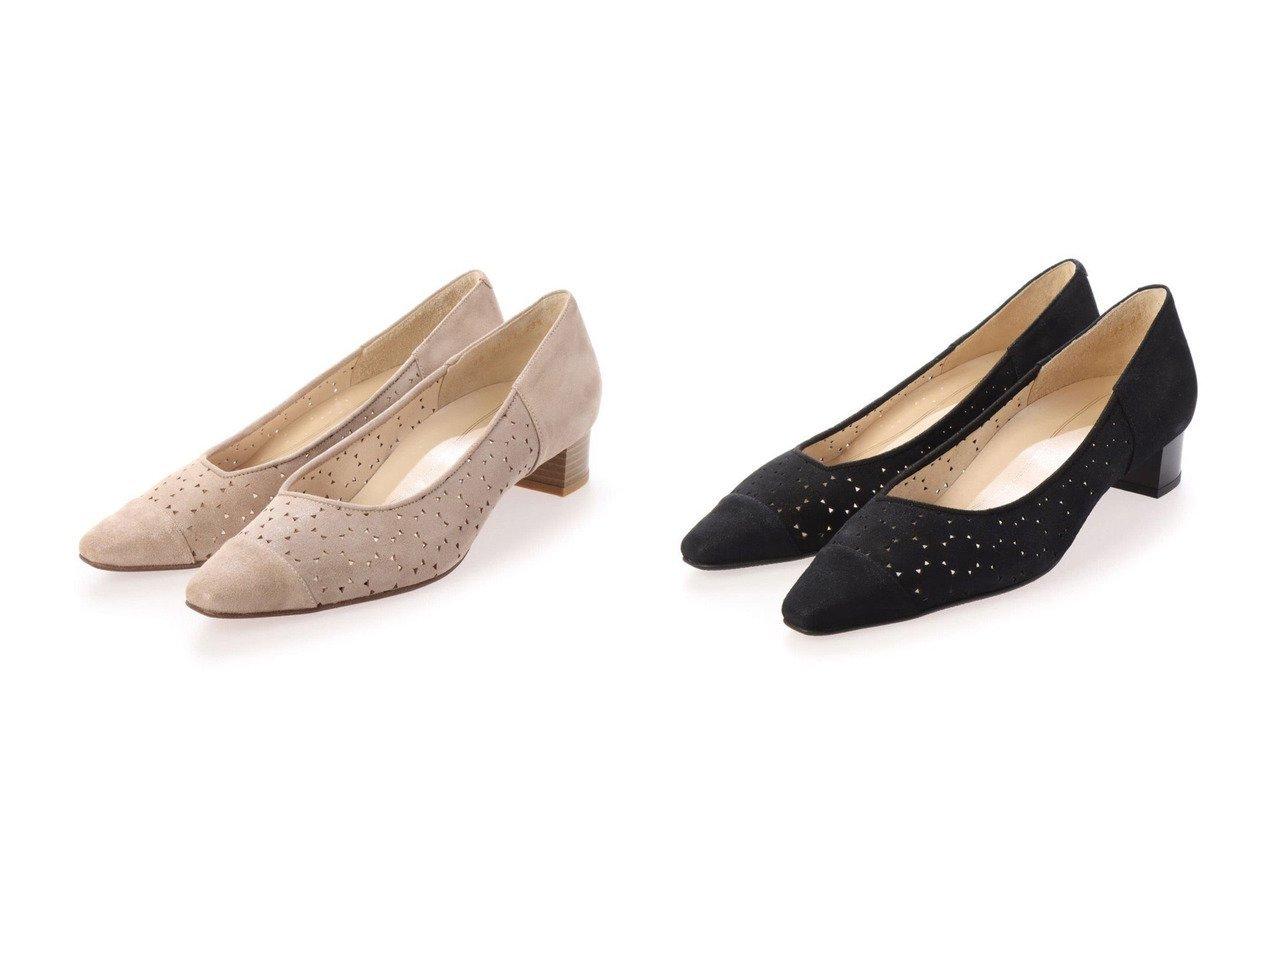 【MODE ET JACOMO/モード エ ジャコモ】のパンチングデザインパンプス 【シューズ・靴】おすすめ!人気、トレンド・レディースファッションの通販 おすすめで人気の流行・トレンド、ファッションの通販商品 メンズファッション・キッズファッション・インテリア・家具・レディースファッション・服の通販 founy(ファニー) https://founy.com/ ファッション Fashion レディースファッション WOMEN 送料無料 Free Shipping シューズ |ID:crp329100000036737